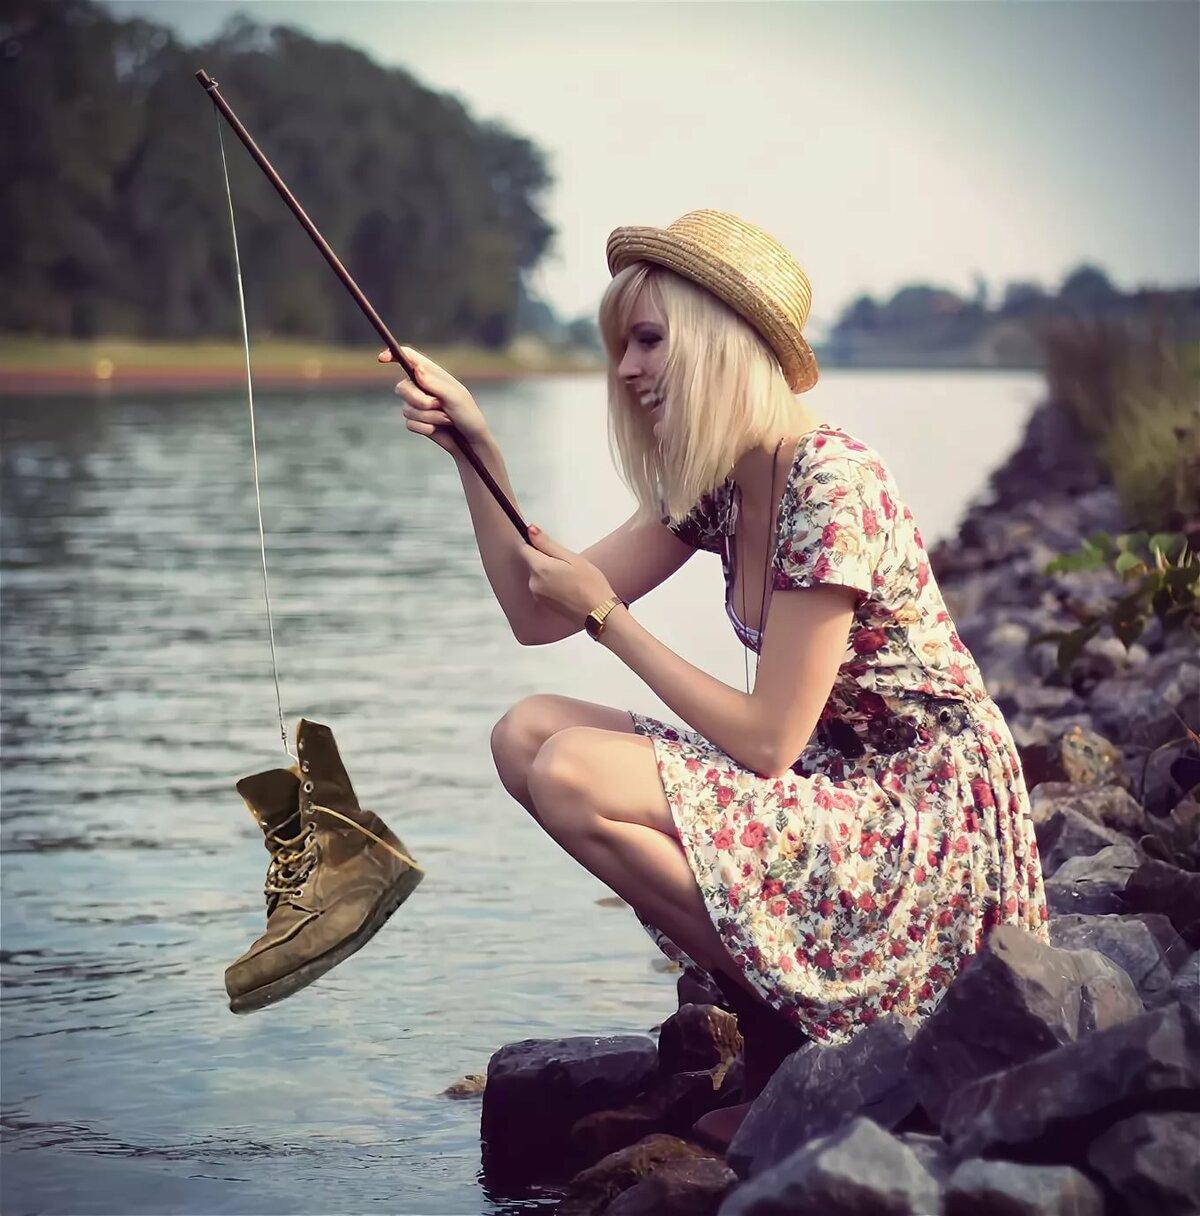 найти фото симпатичные рыбачки девочке, жене